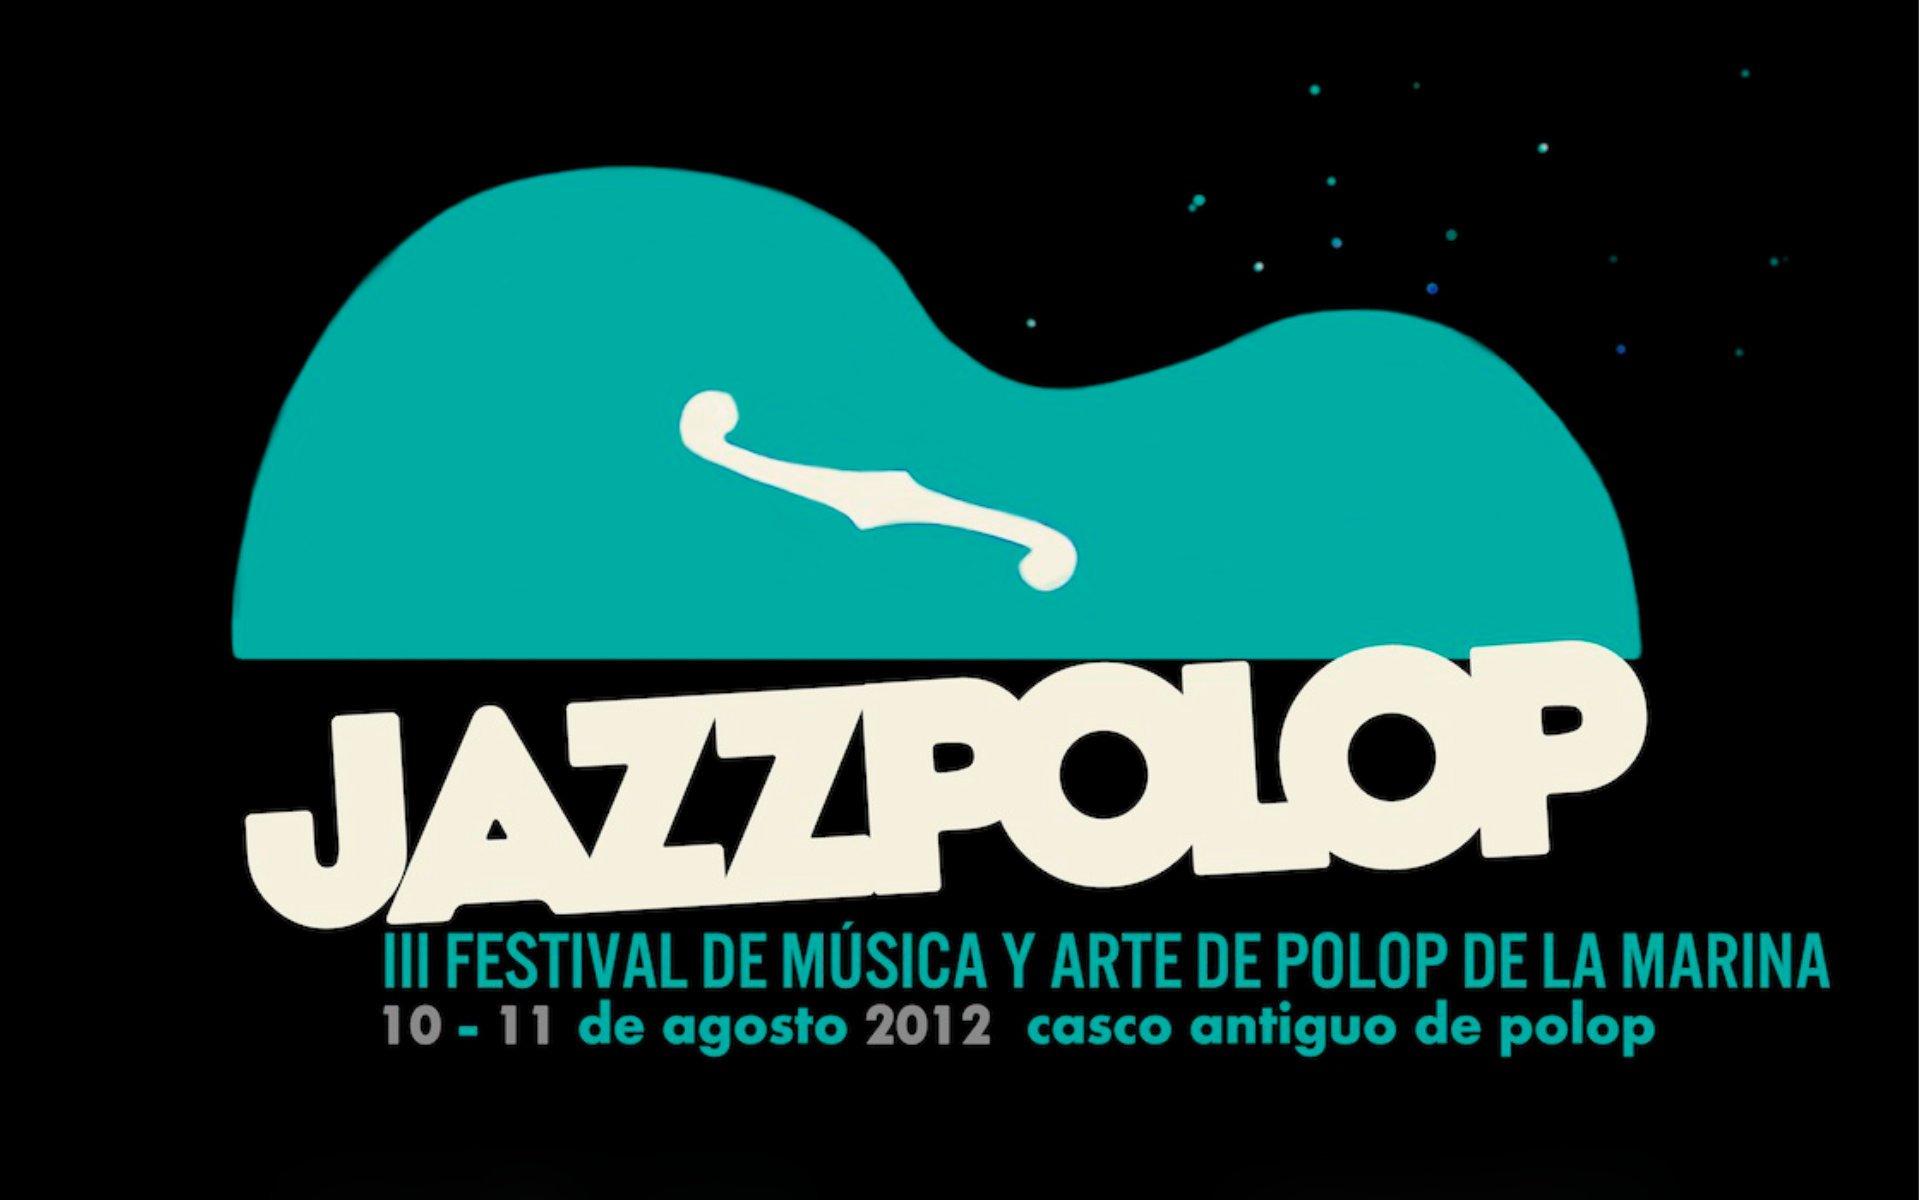 Jazz Polop 2012